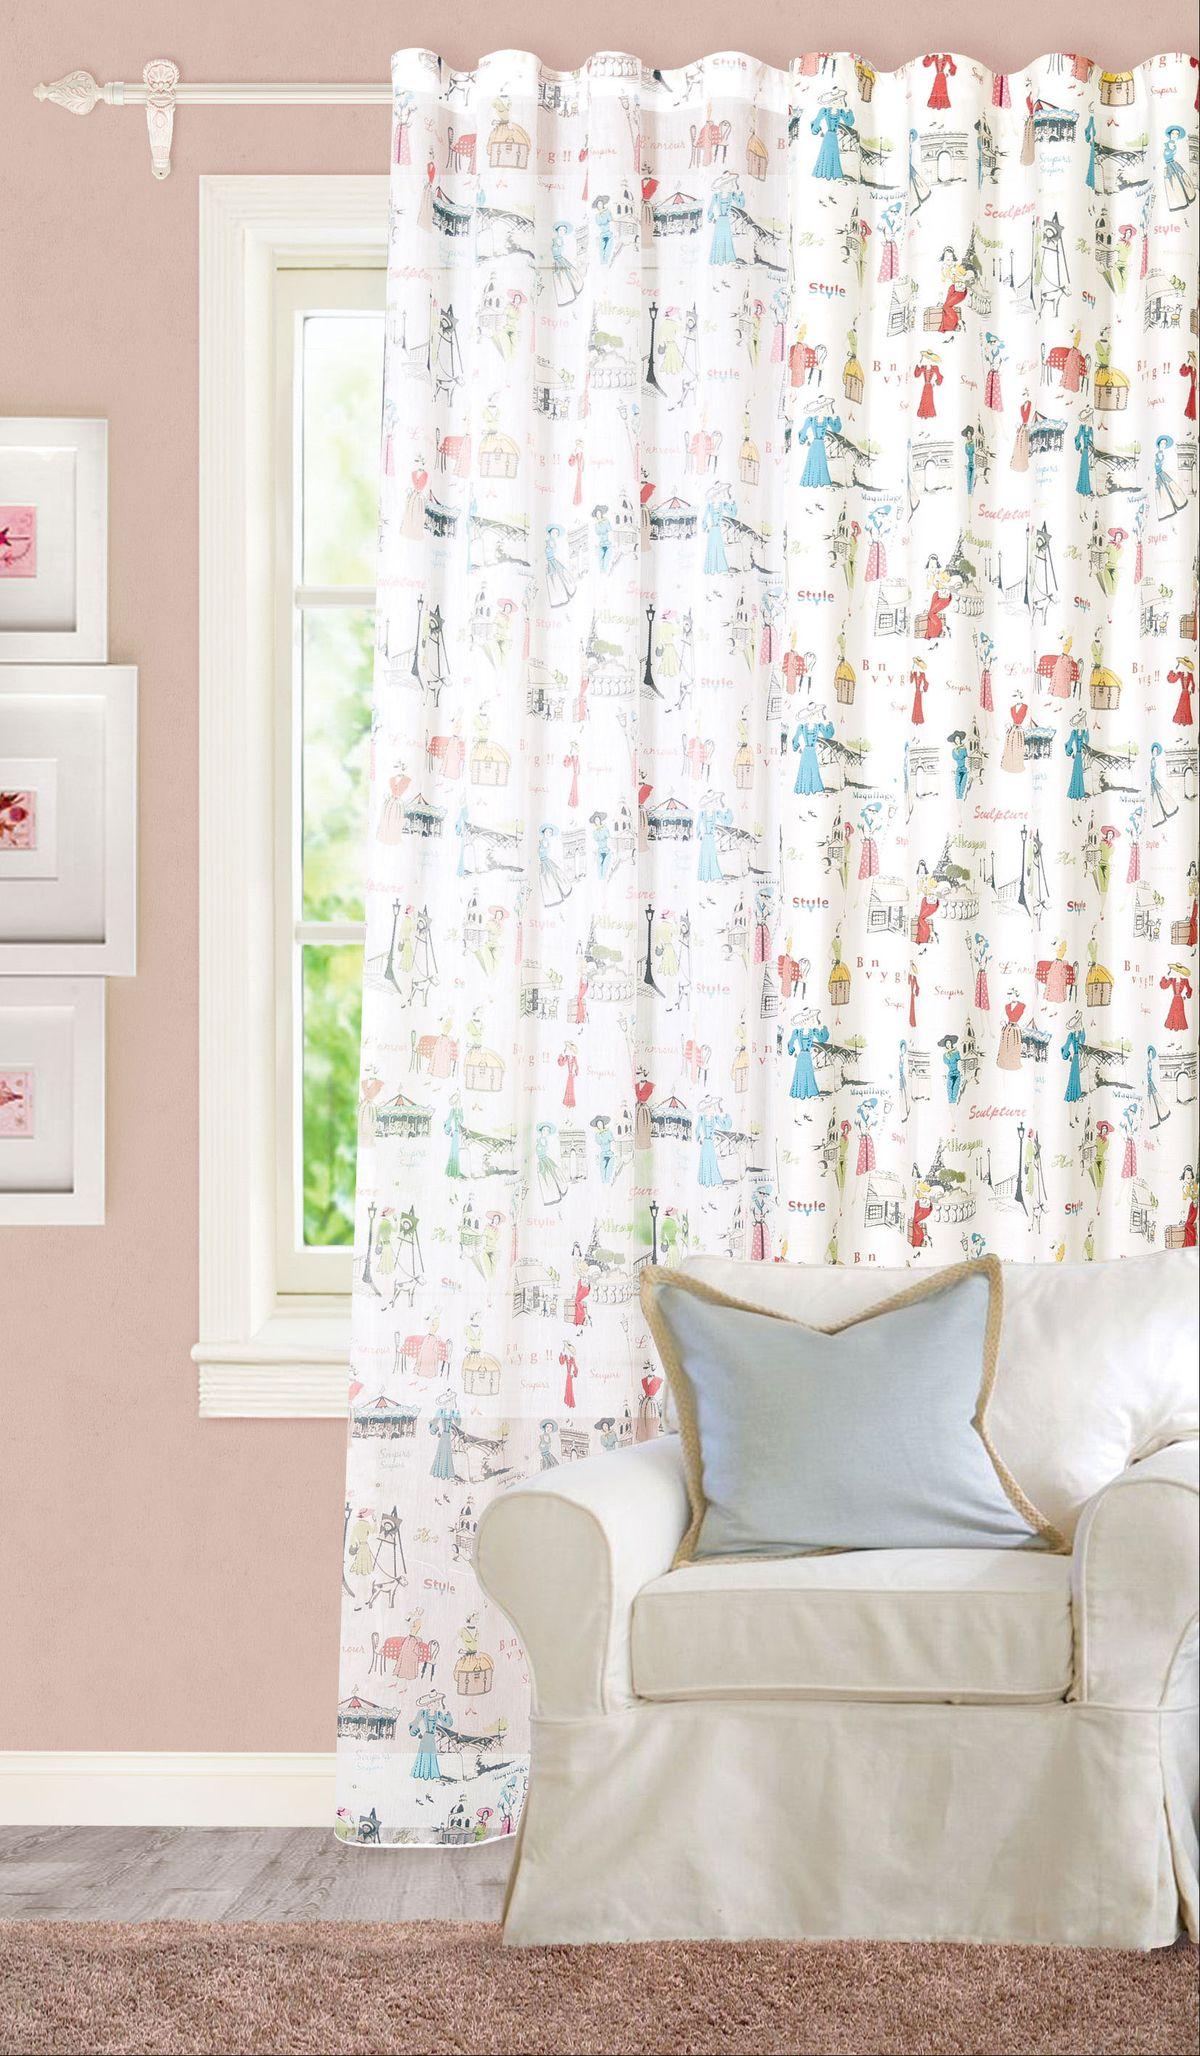 Штора Garden, на ленте, портьерная, цвет: белый, 200х260 см. С 8189 - W1687 V12_белый705530Изящная штора Garden выполнена из плотной ткани. Приятная текстура и цвет привлекут к себе внимание и органично впишутся в интерьер помещения. Штора крепится на карниз при помощи ленты, которая поможет красиво и равномерно задрапировать верх.